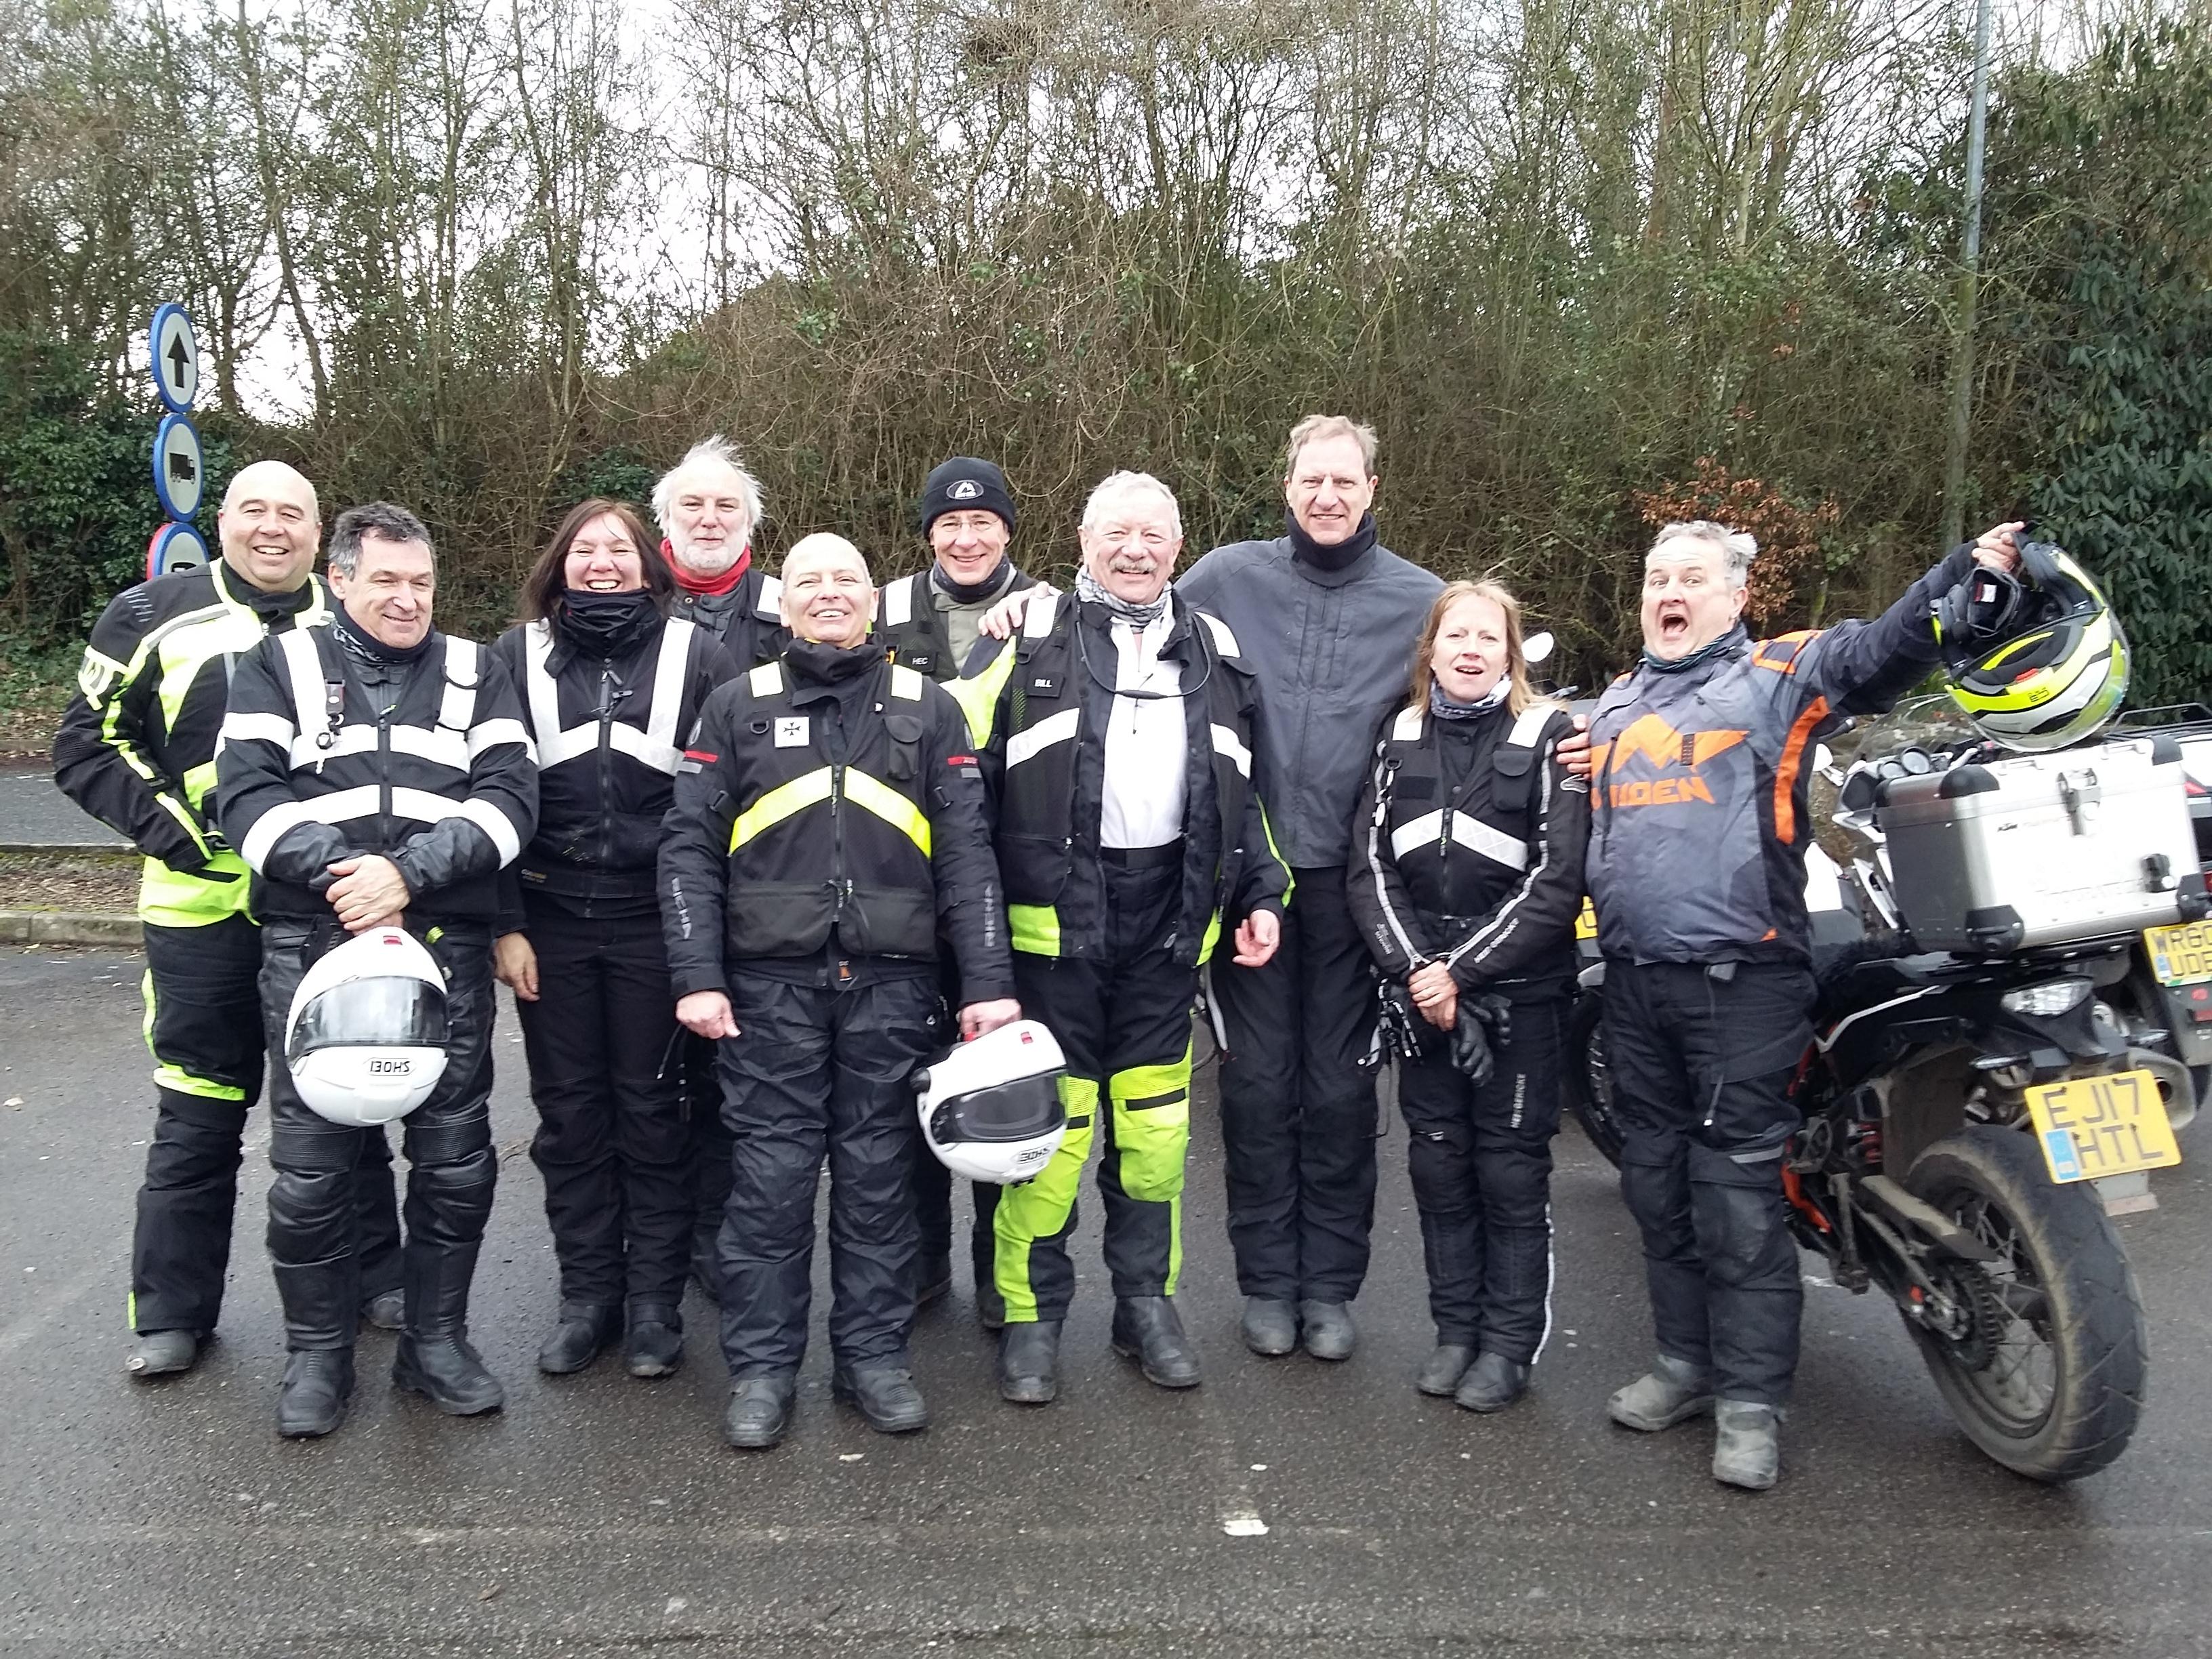 WaBam offer Training Rides